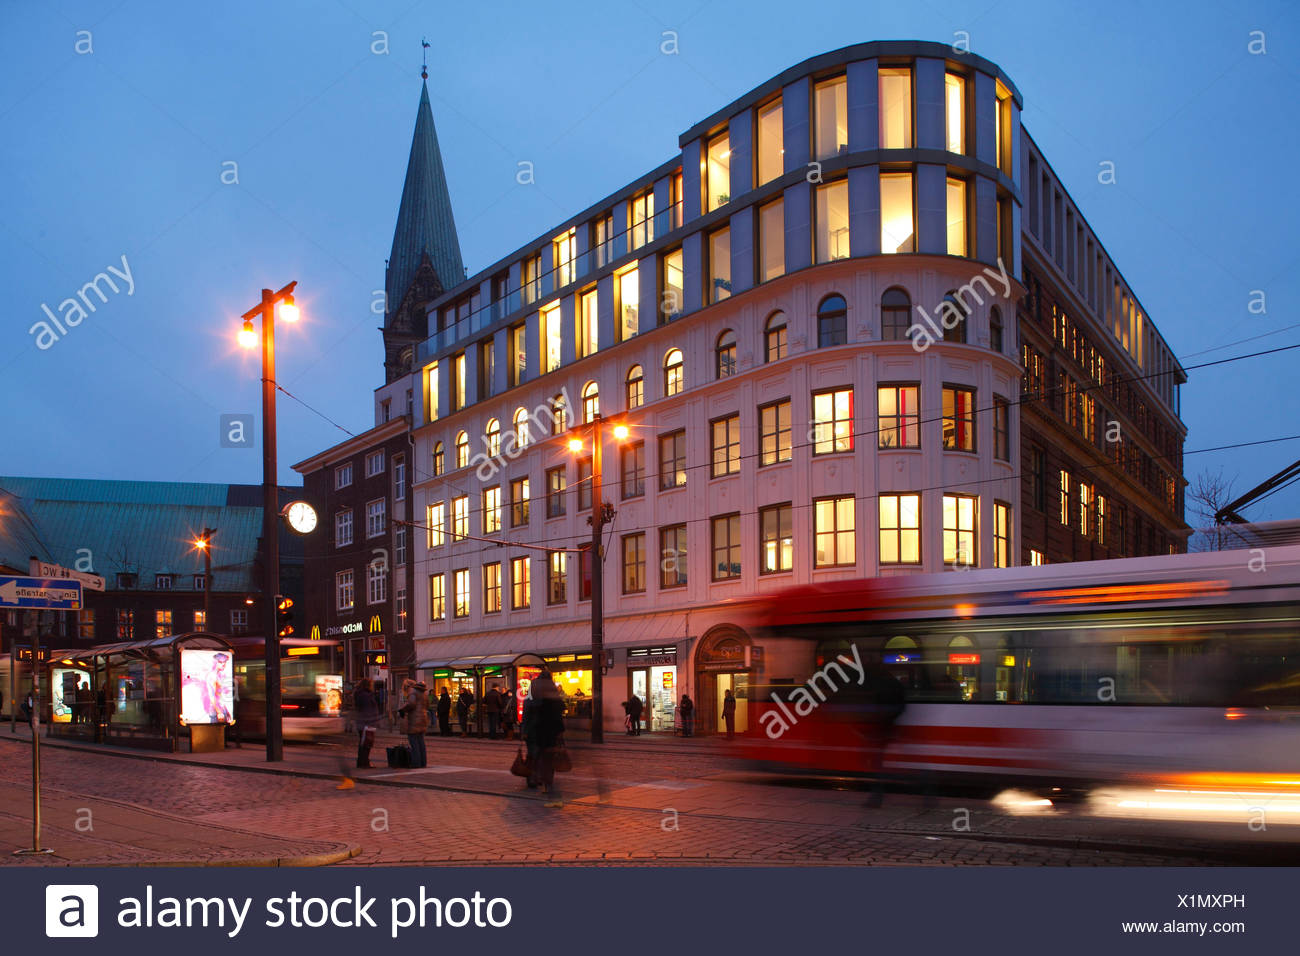 Straßenbahn mit Bürohaus an der Haltestelle Domsheide bei Abenddämmerung, Bremen, Deutschland, Europa Stock Photo